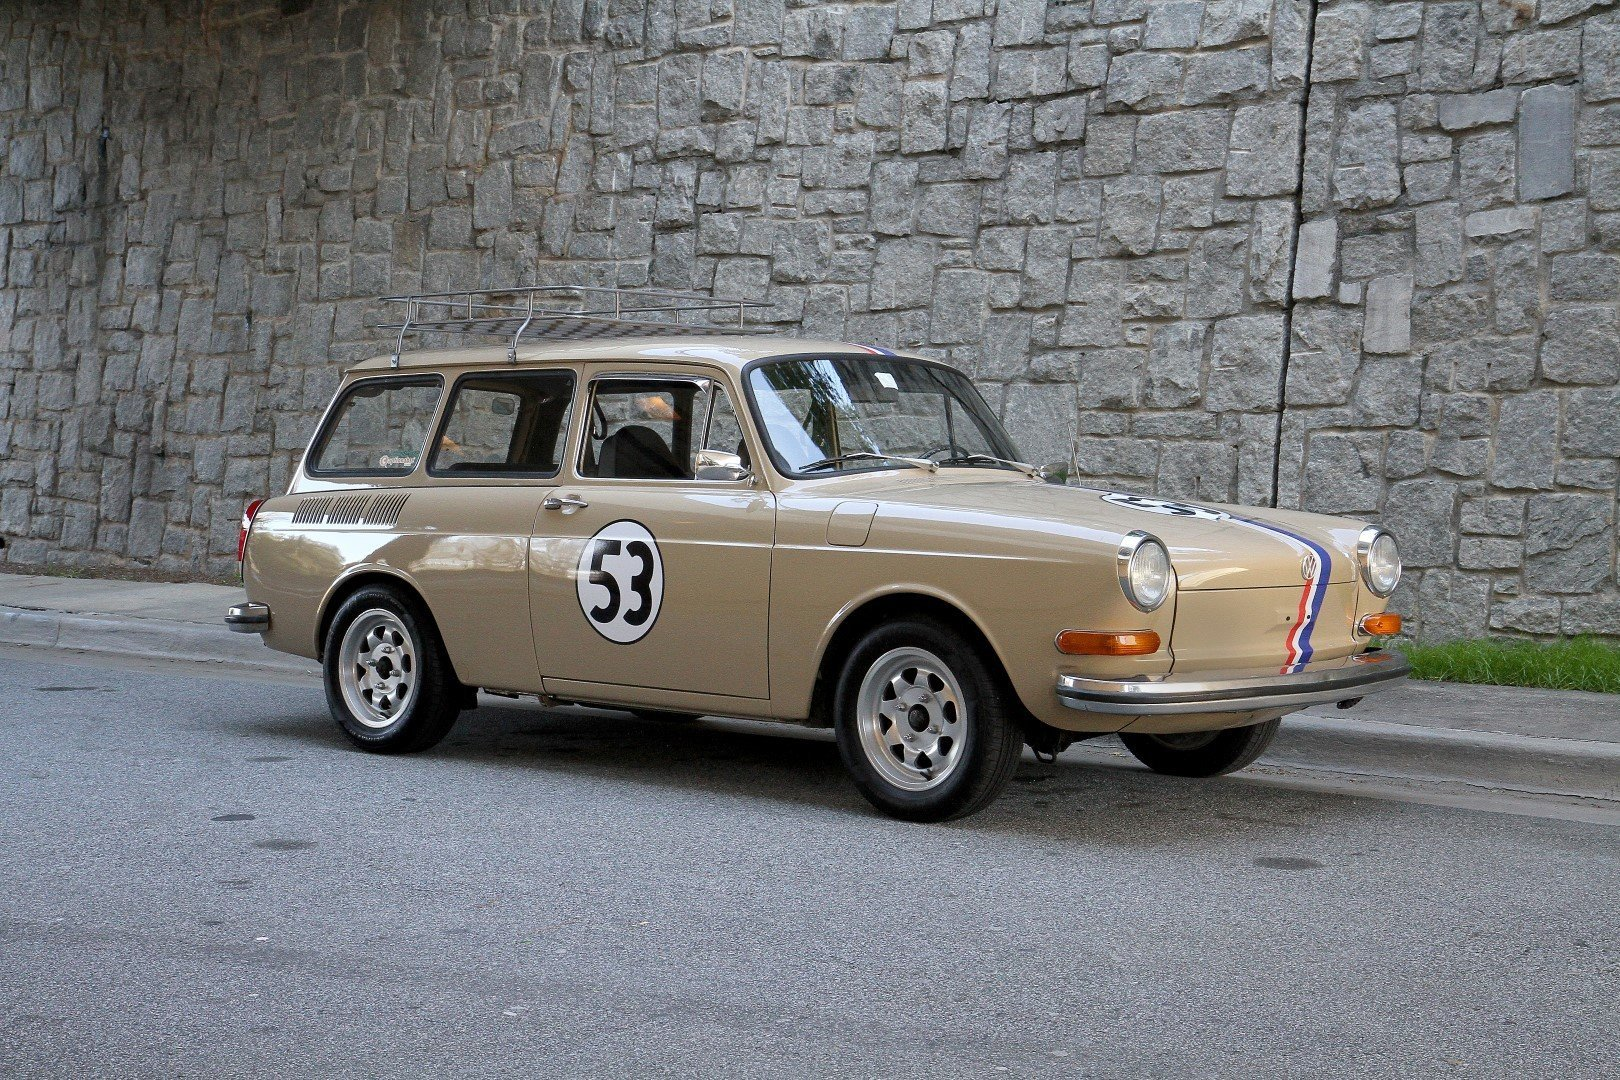 45043a3701b4 hd 1972 volkswagen type 3